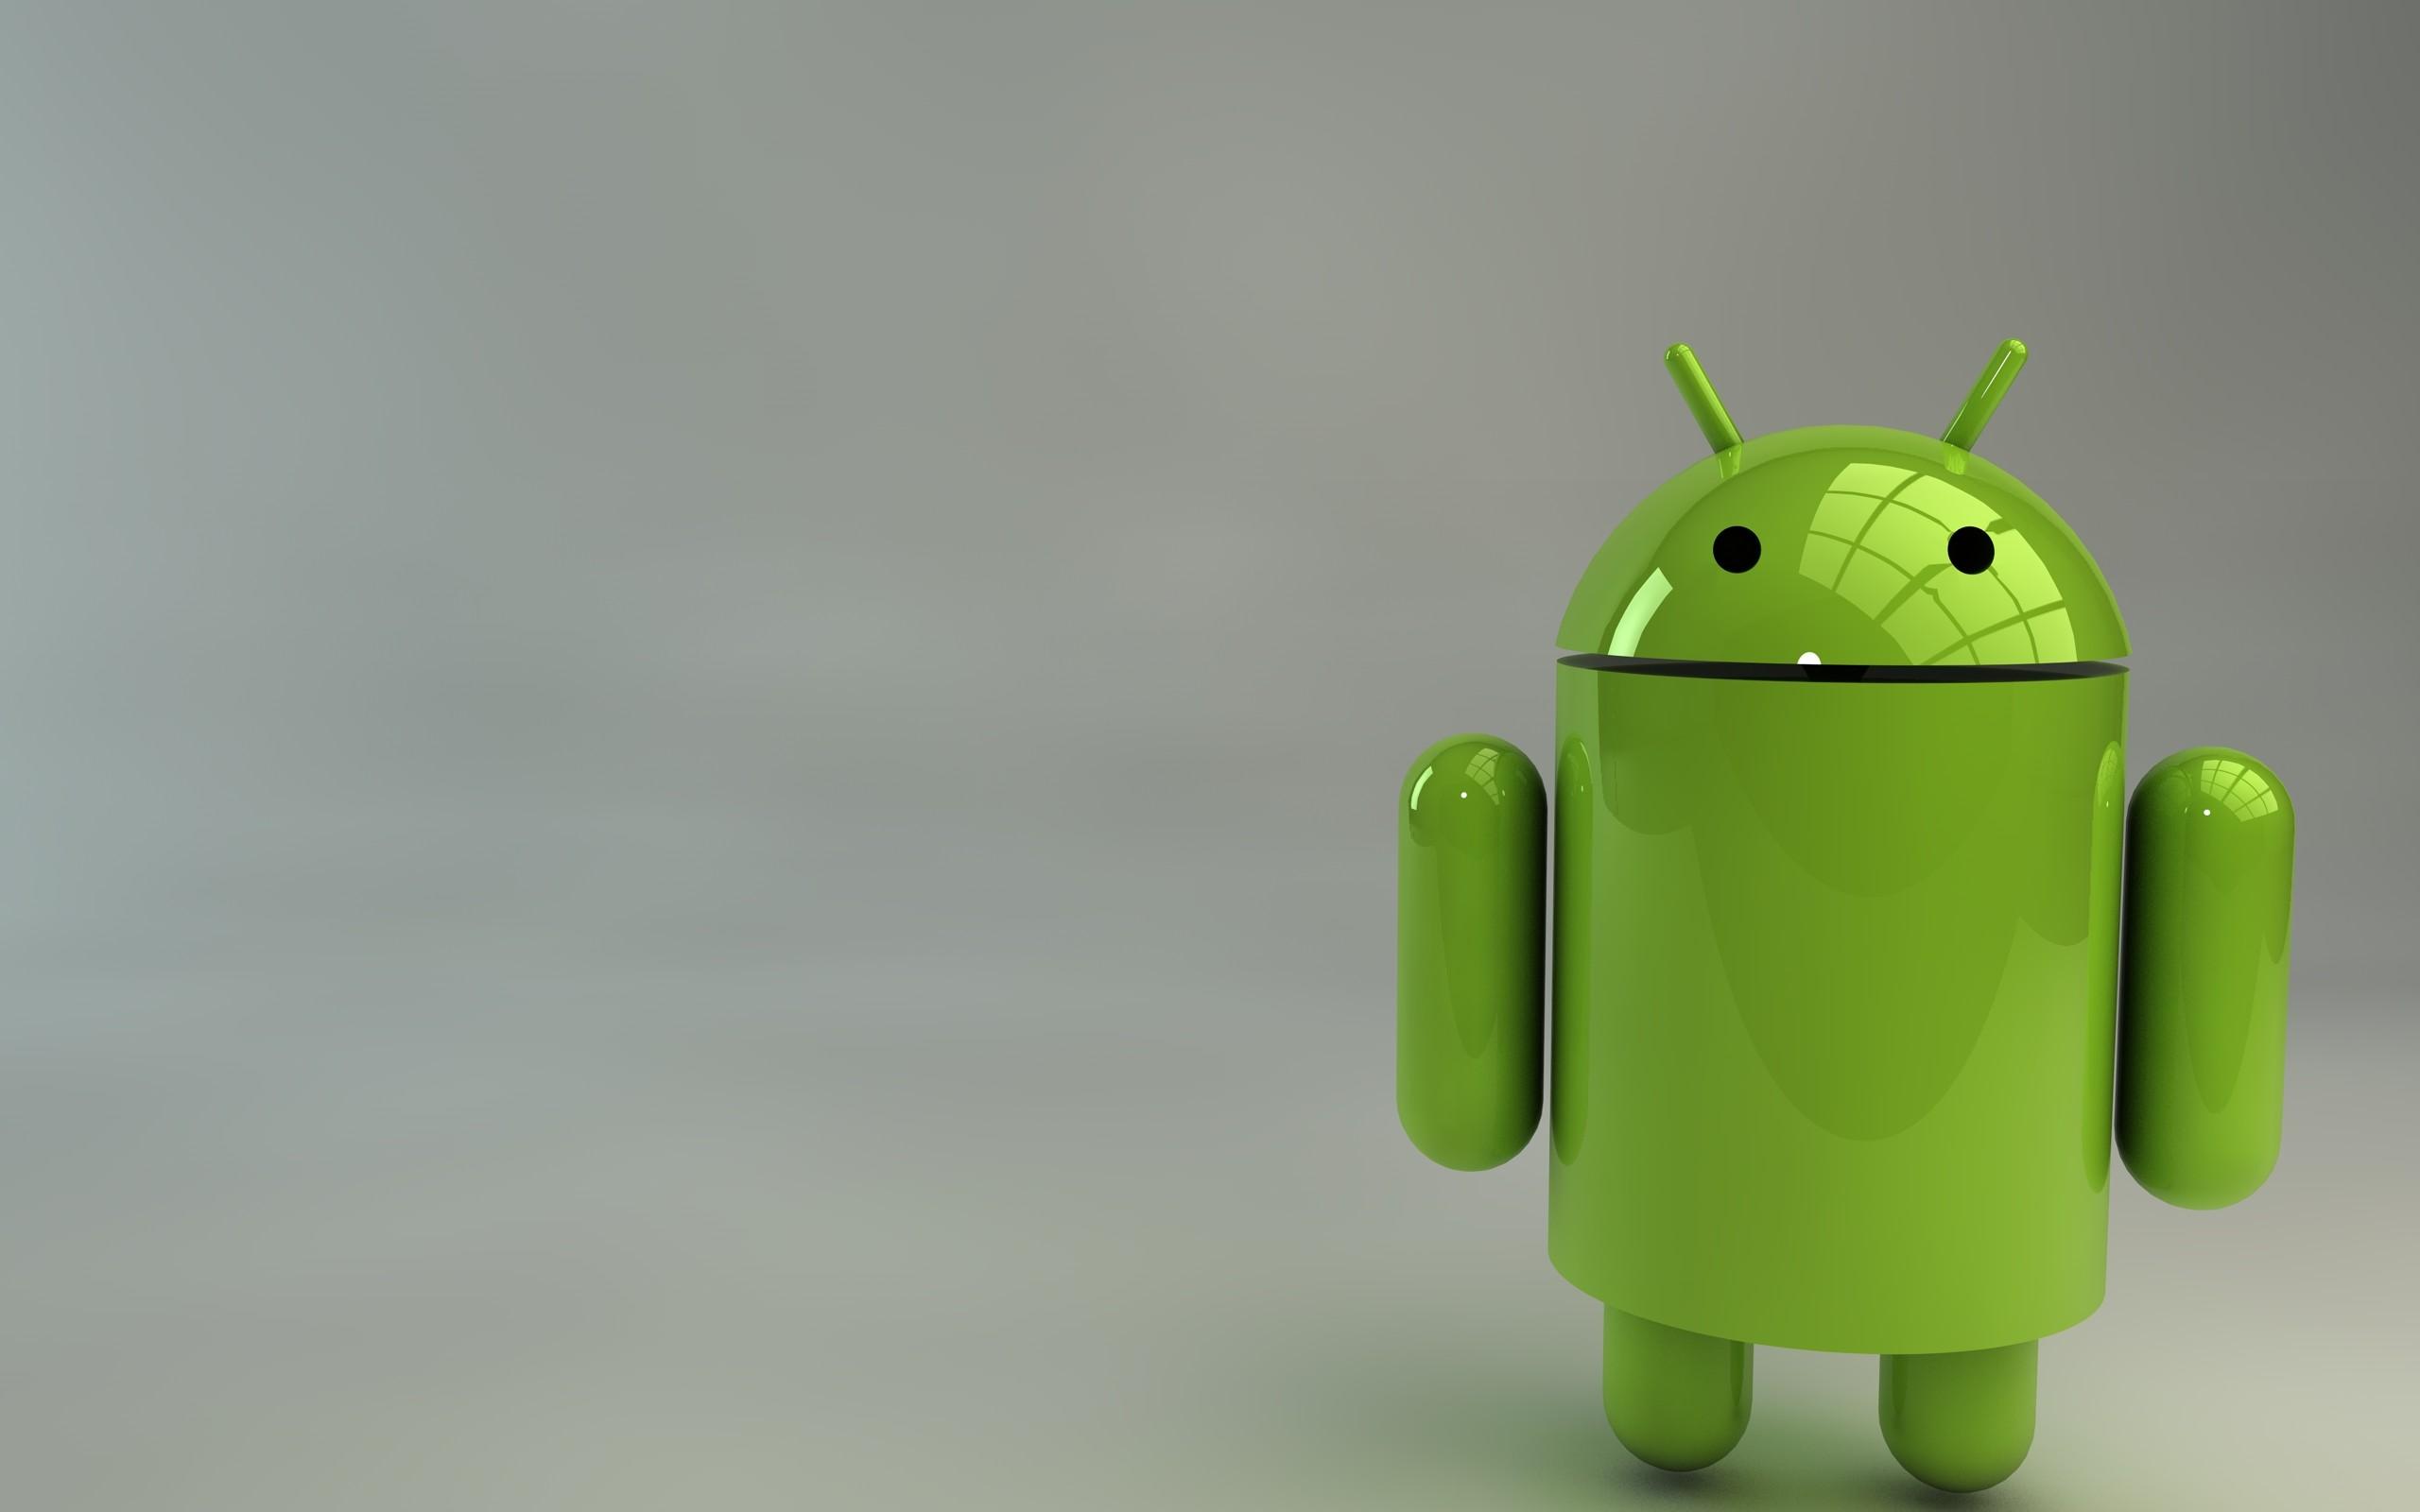 3D Android Wallpaper 1617 2560 x 1600   WallpaperLayercom 2560x1600